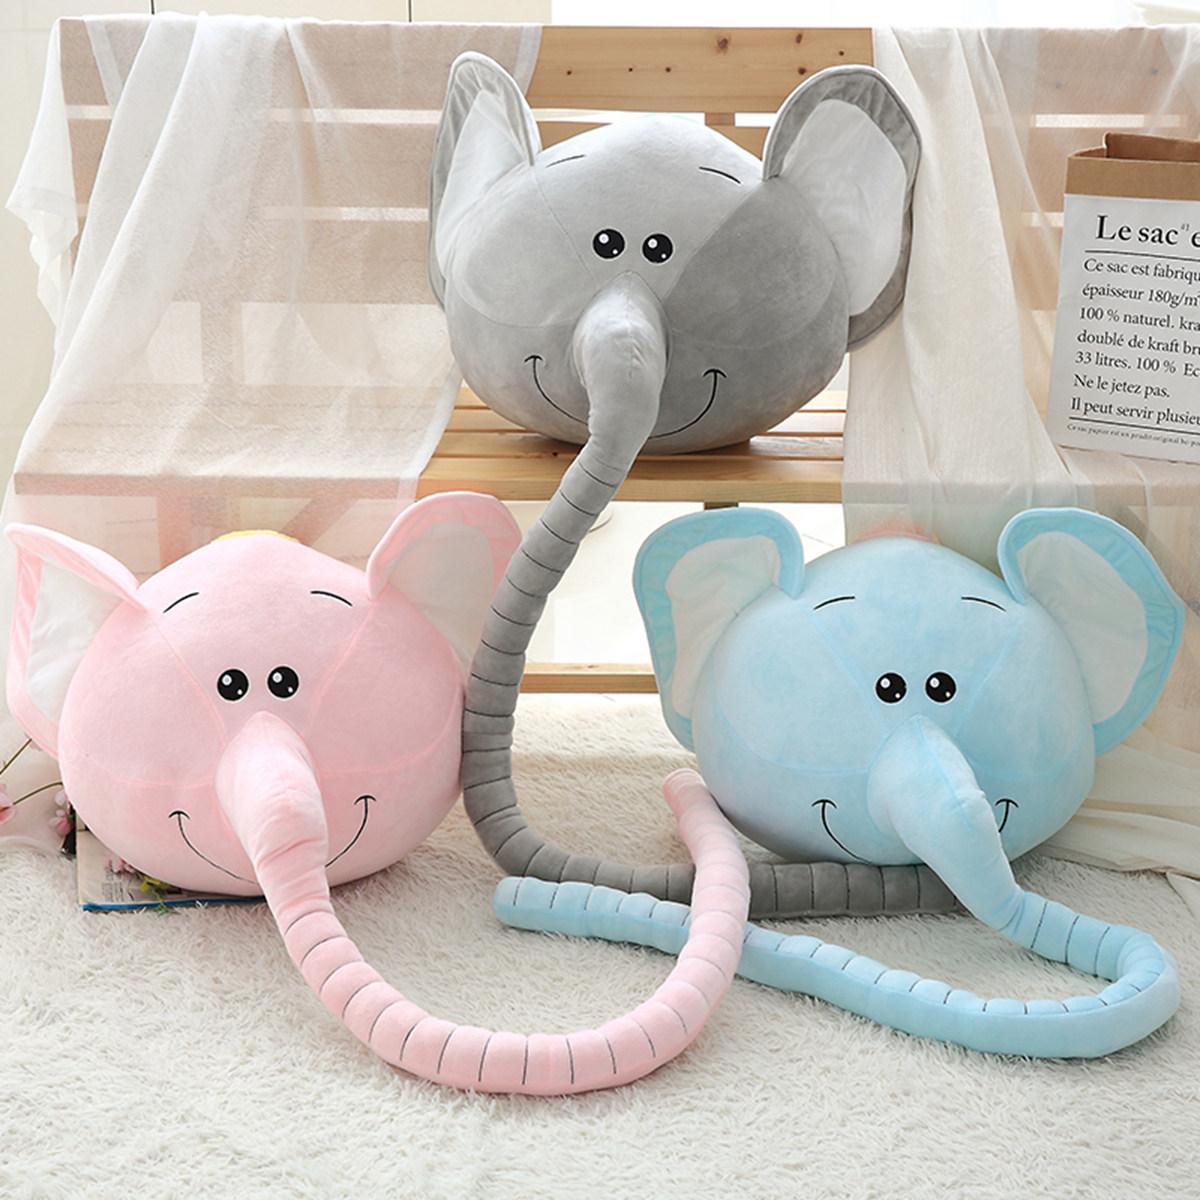 卡通长鼻象抱枕公仔长鼻子大象毛绒玩具丑萌娃娃睡觉枕头沙发靠垫